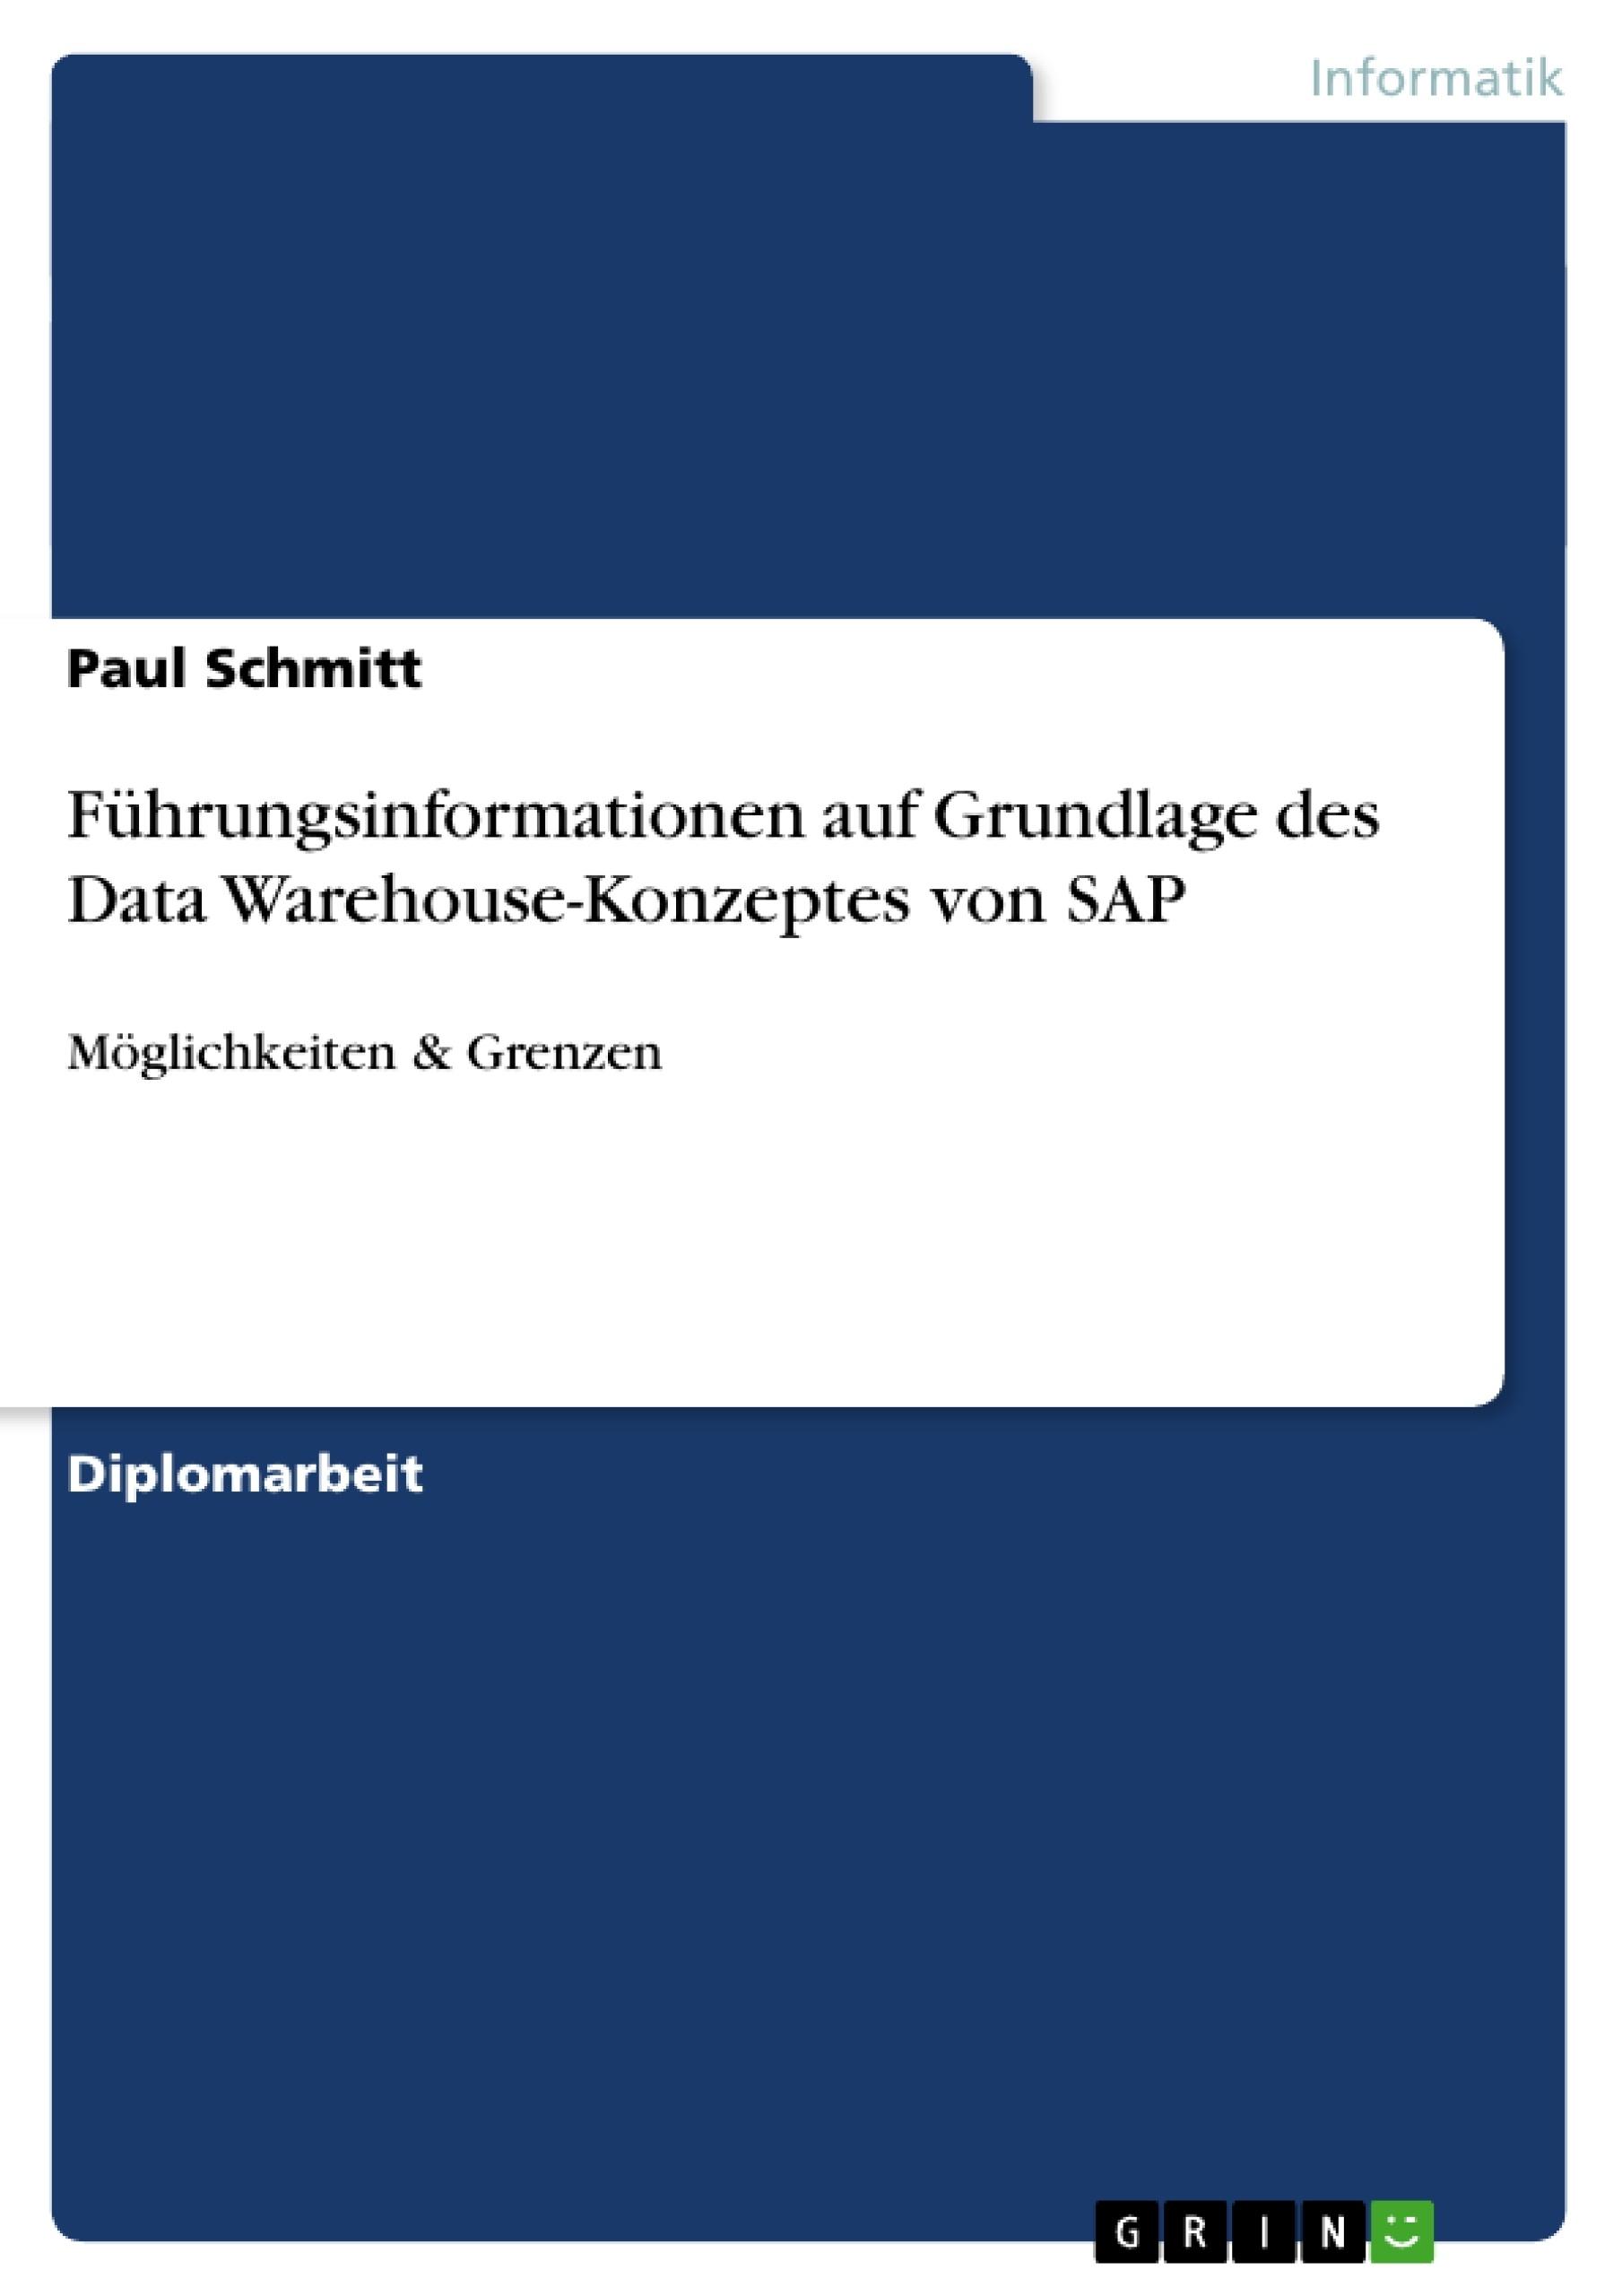 Titel: Führungsinformationen auf Grundlage des Data Warehouse-Konzeptes von SAP